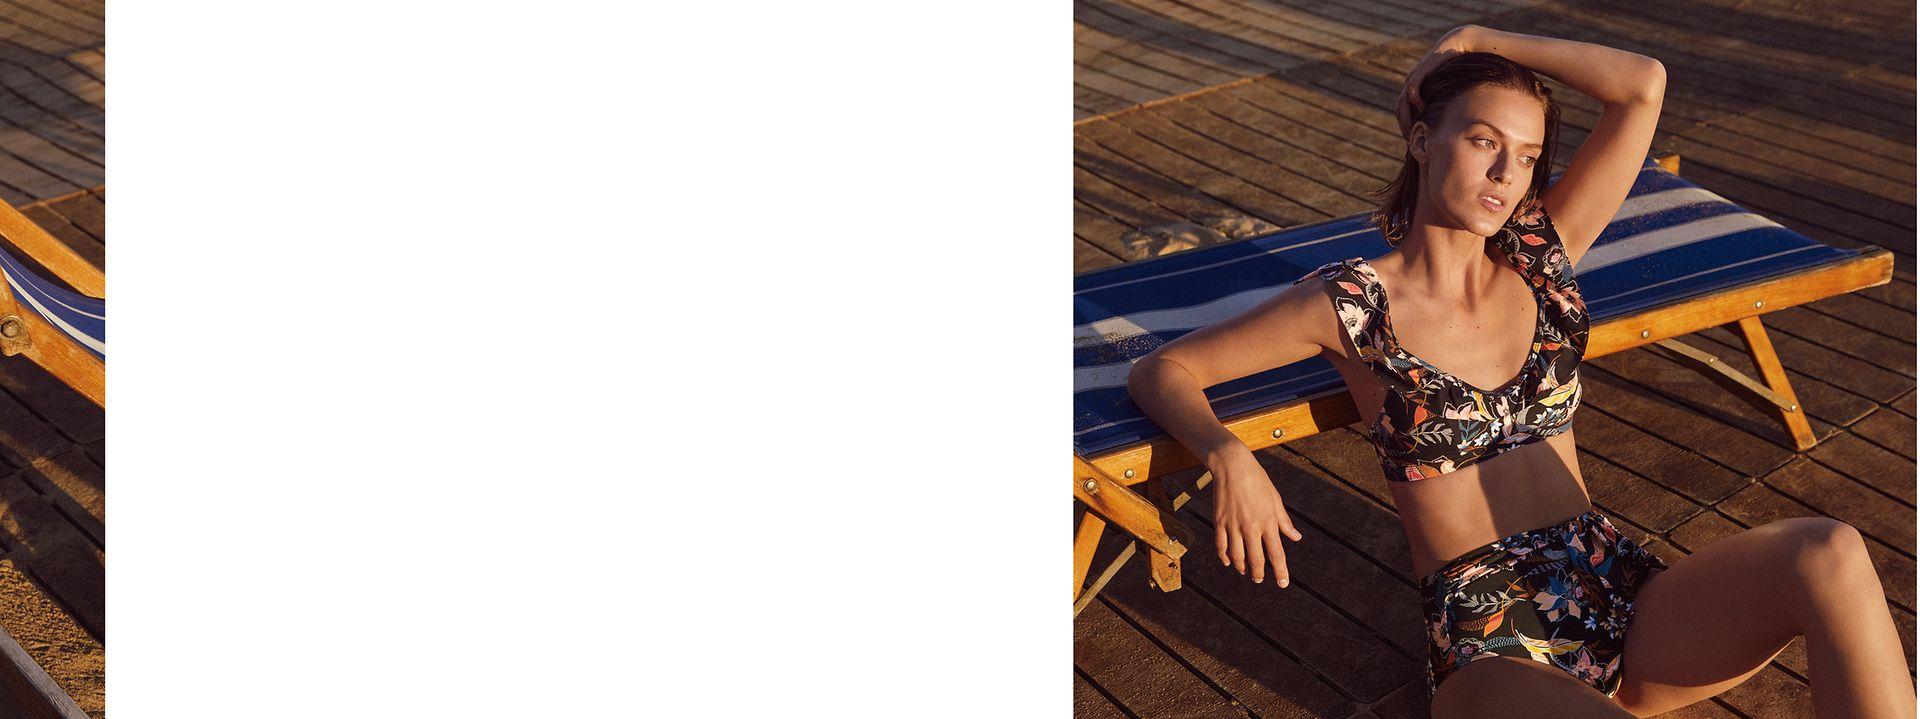 242021 - women - startpage - main banner - summer - whites - IMG